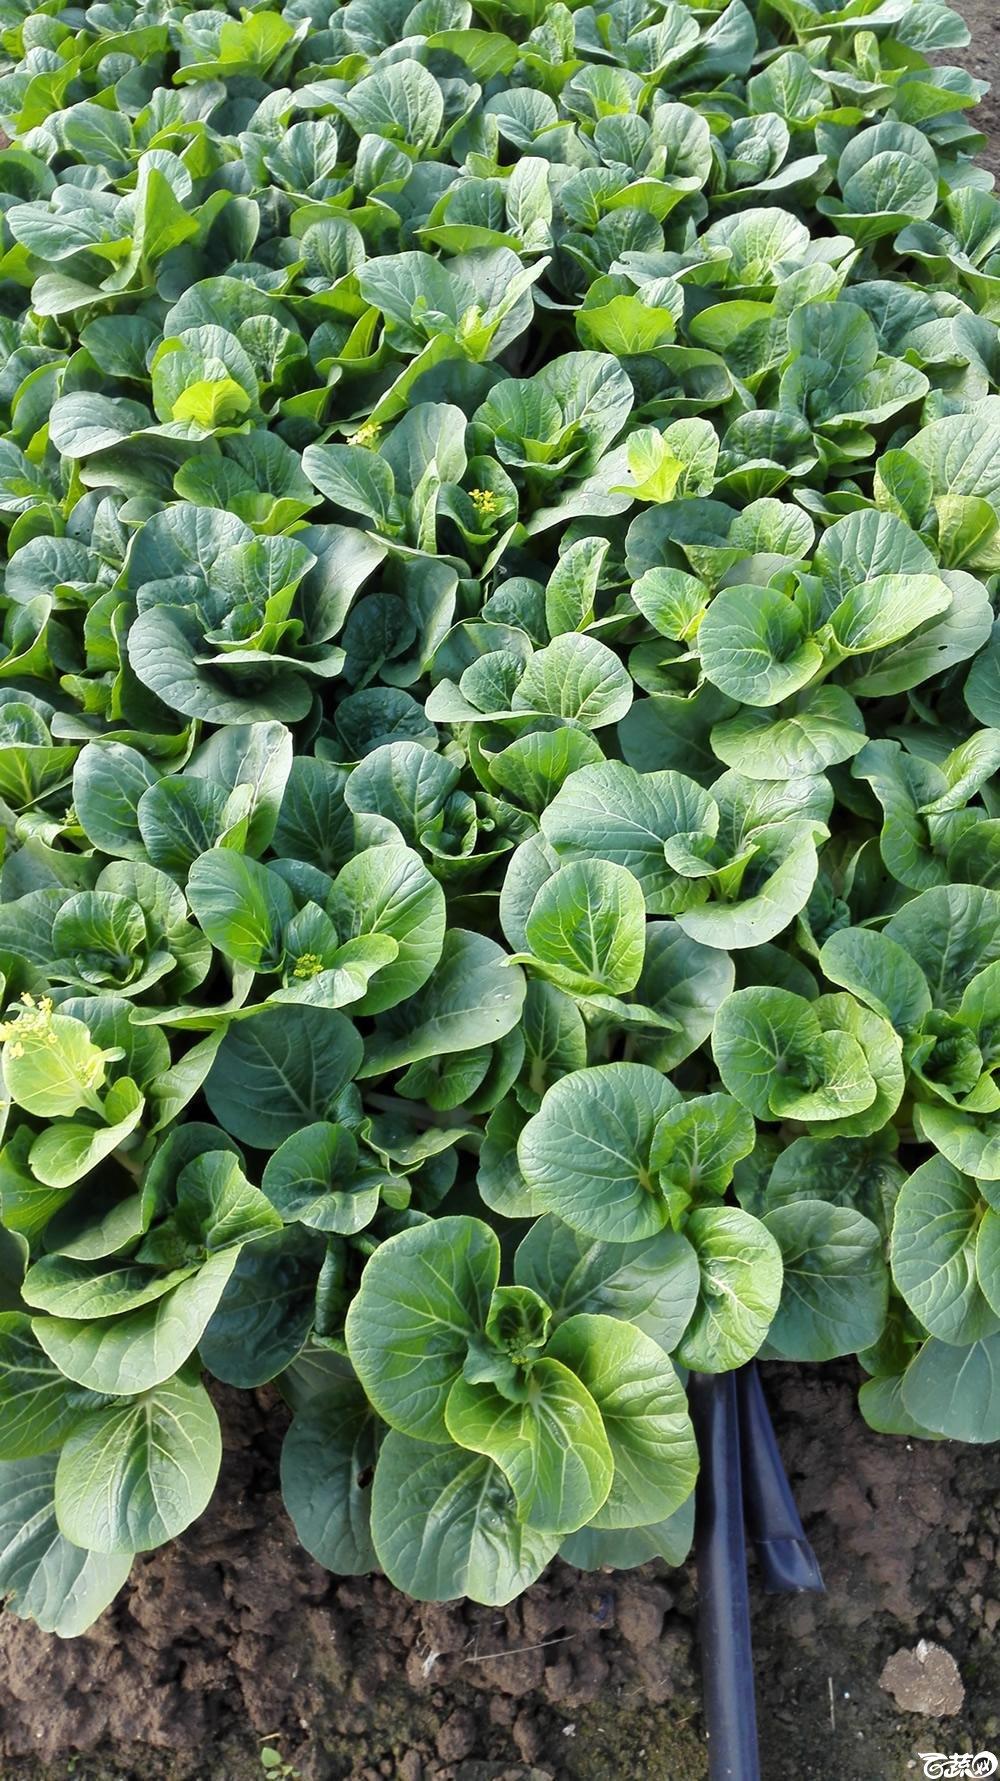 2014年12月10号广州市农科院南沙秋季蔬菜新品种展示会_叶菜_222.jpg